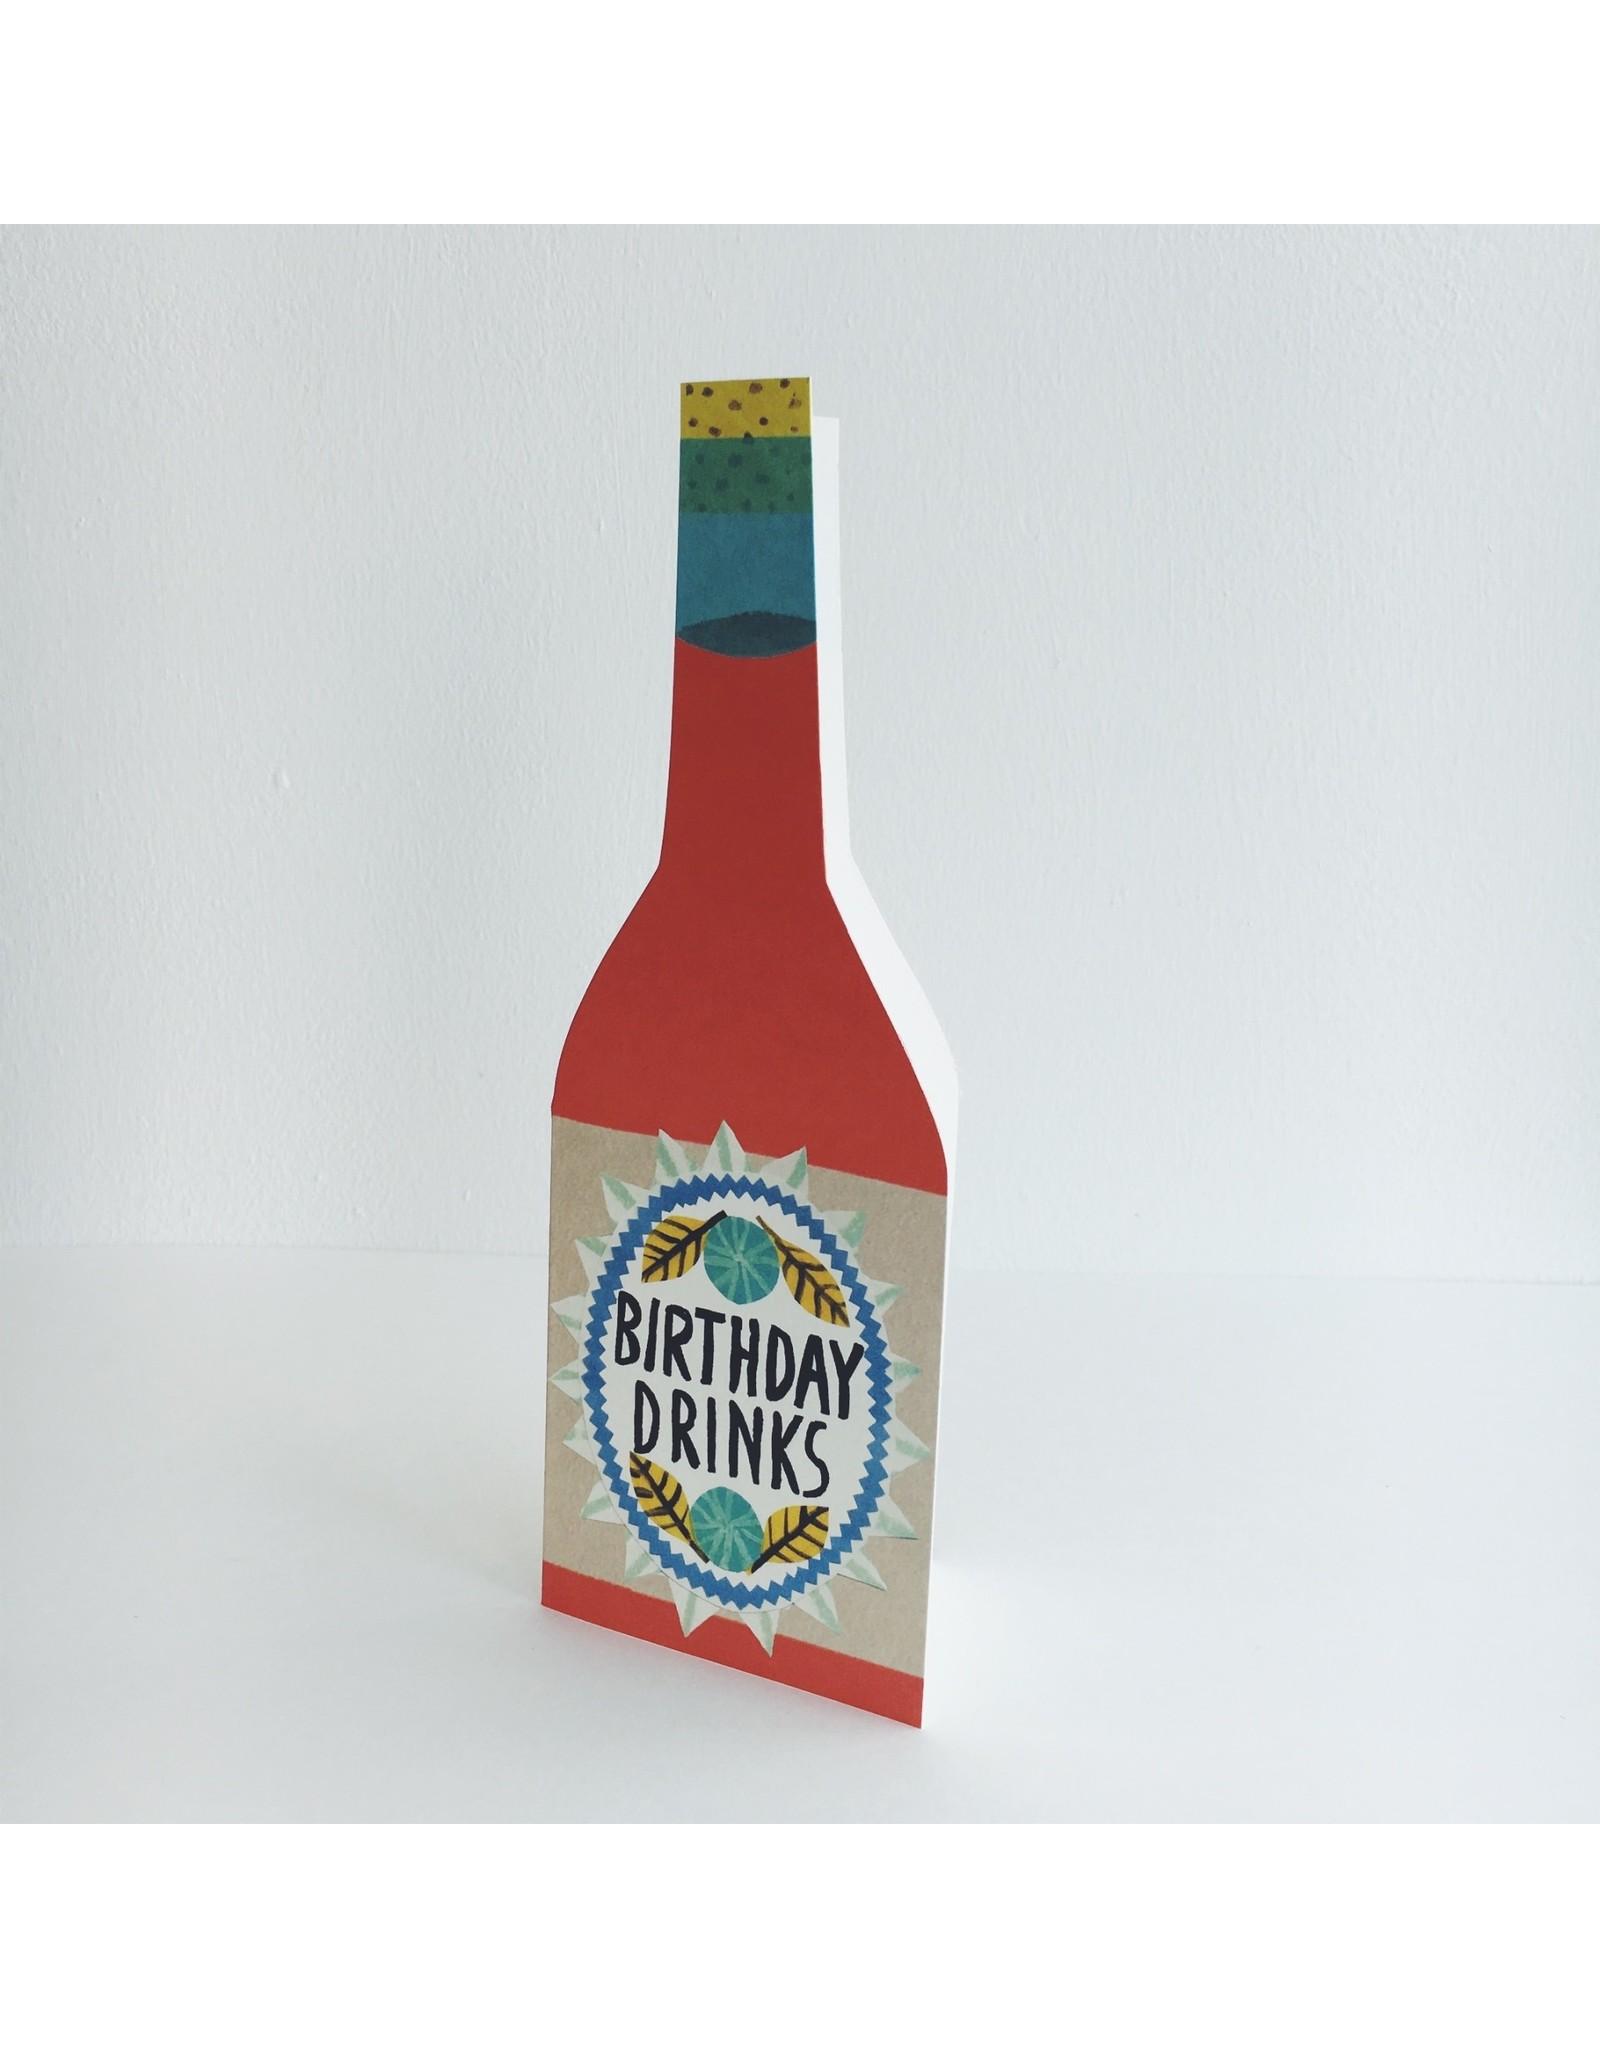 Birthday Drinks Card